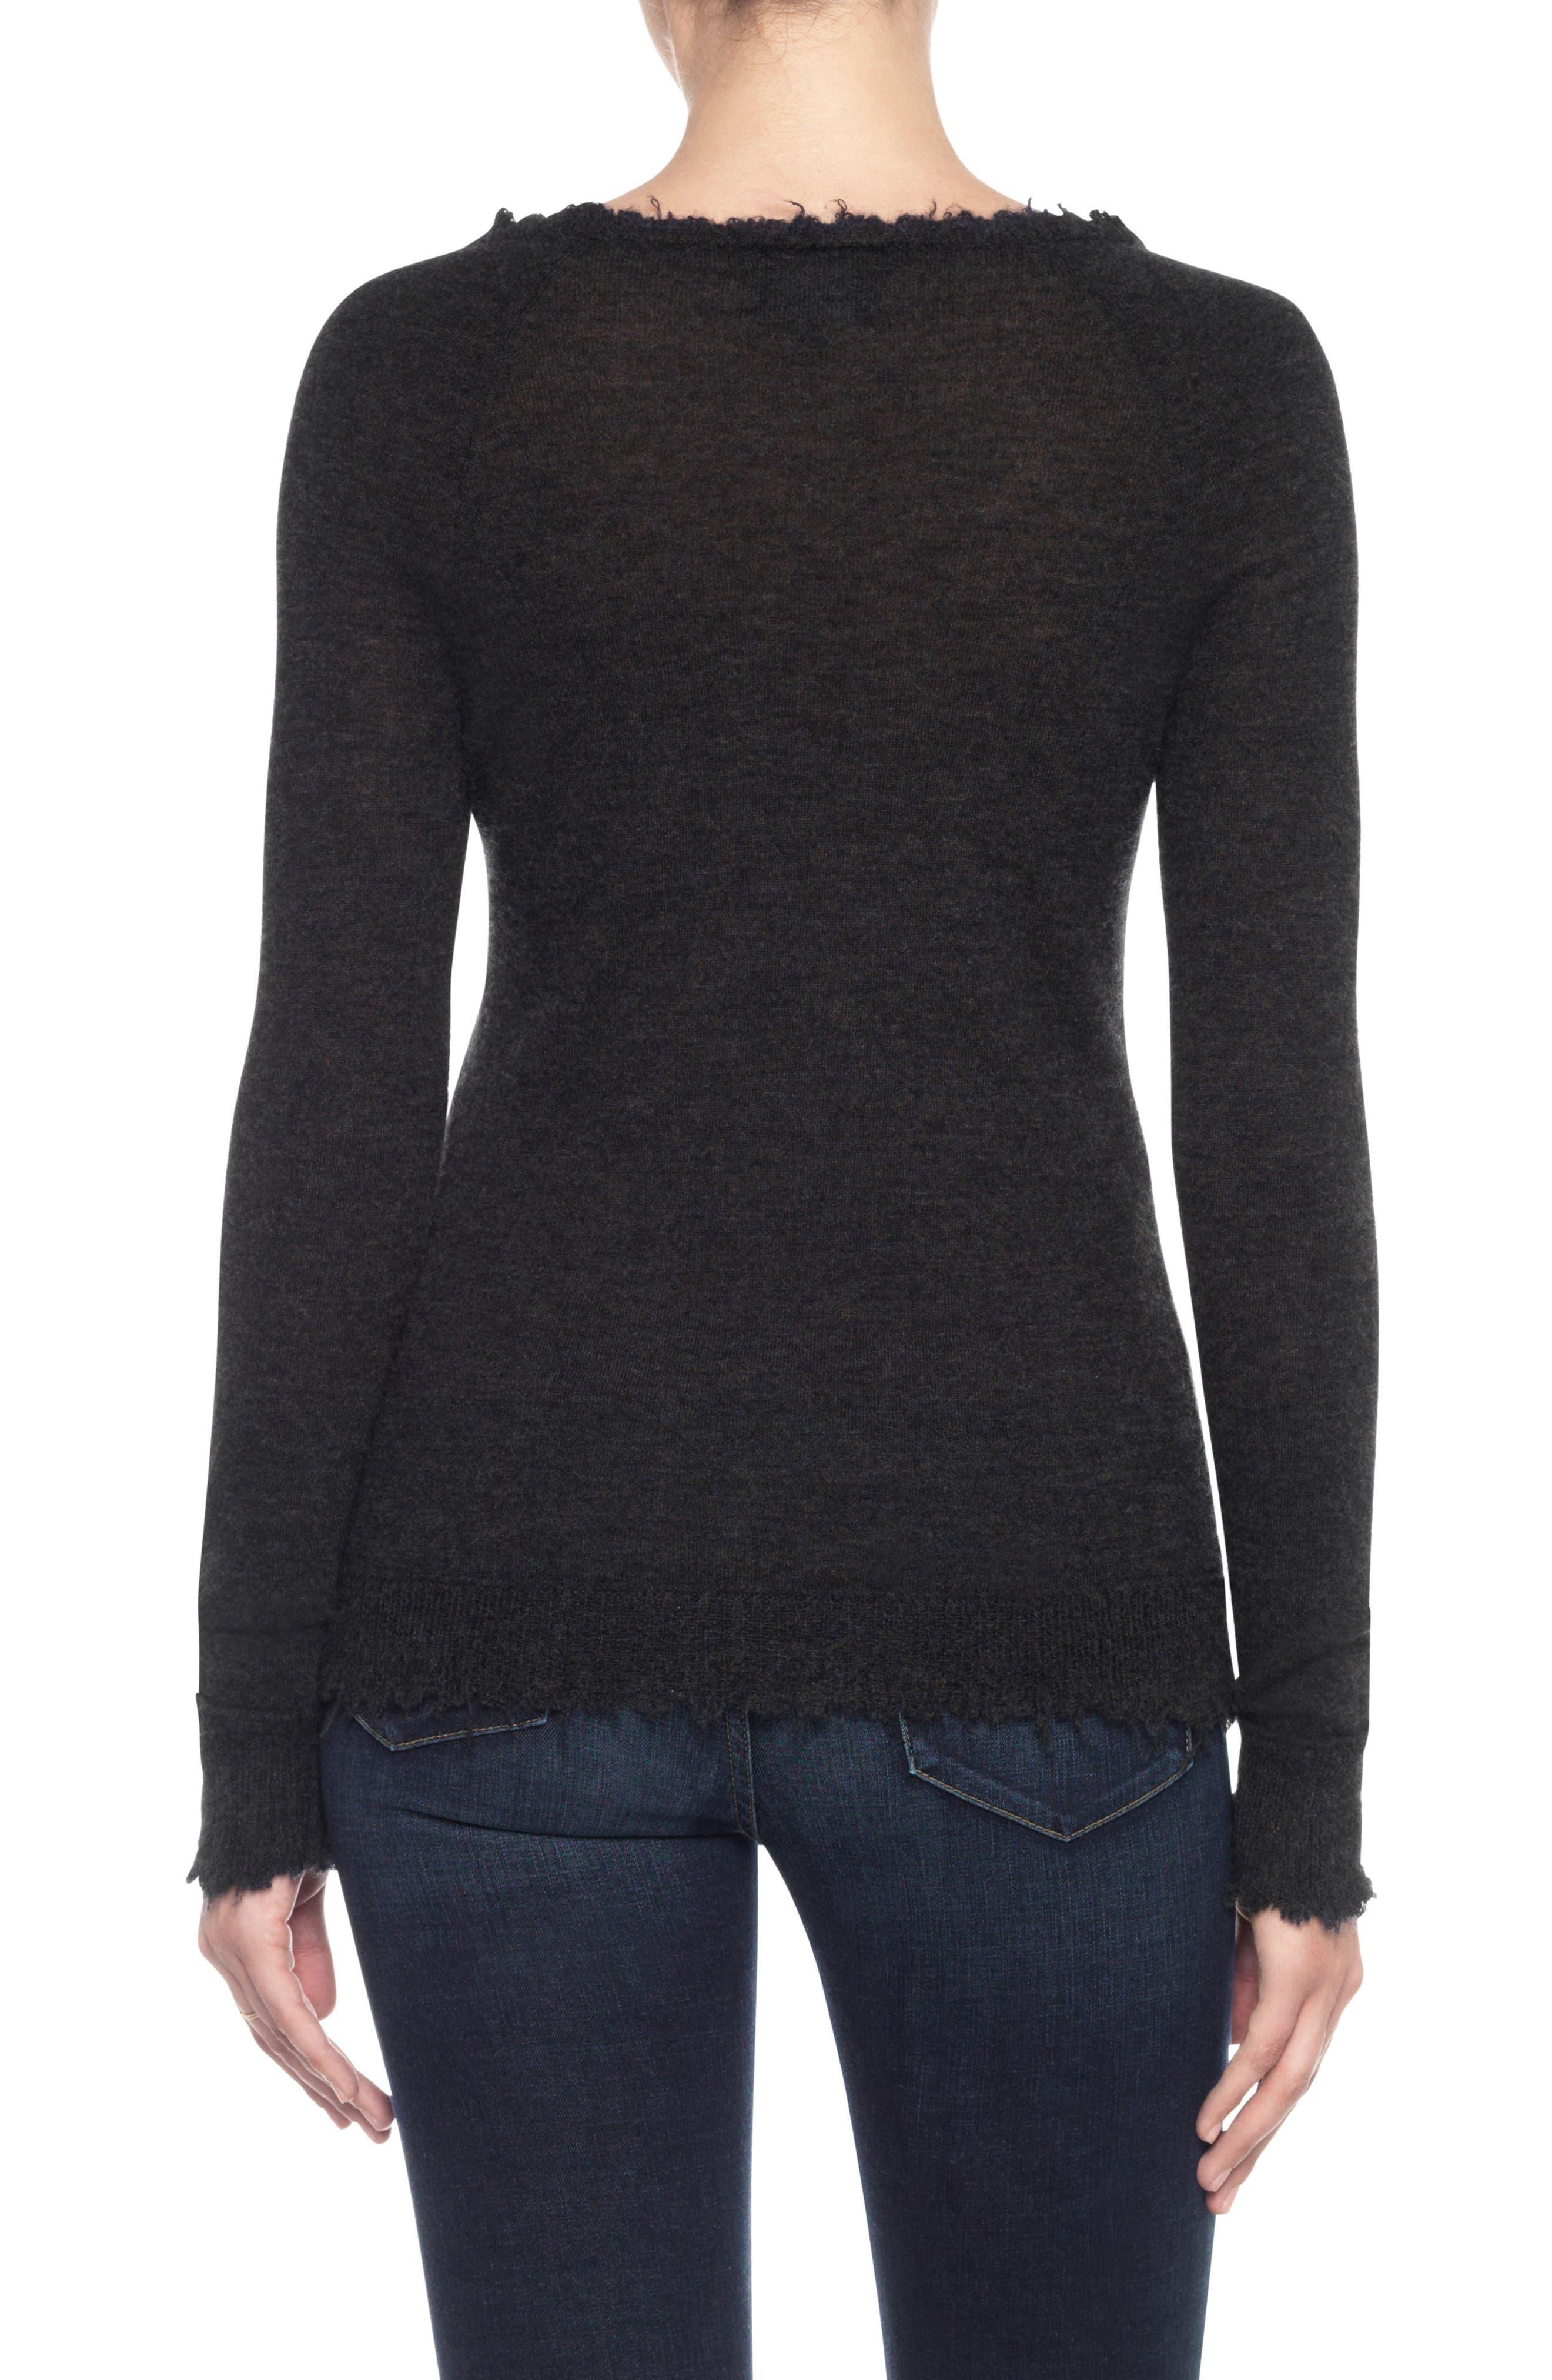 Romy Sweater,                             Alternate thumbnail 2, color,                             020